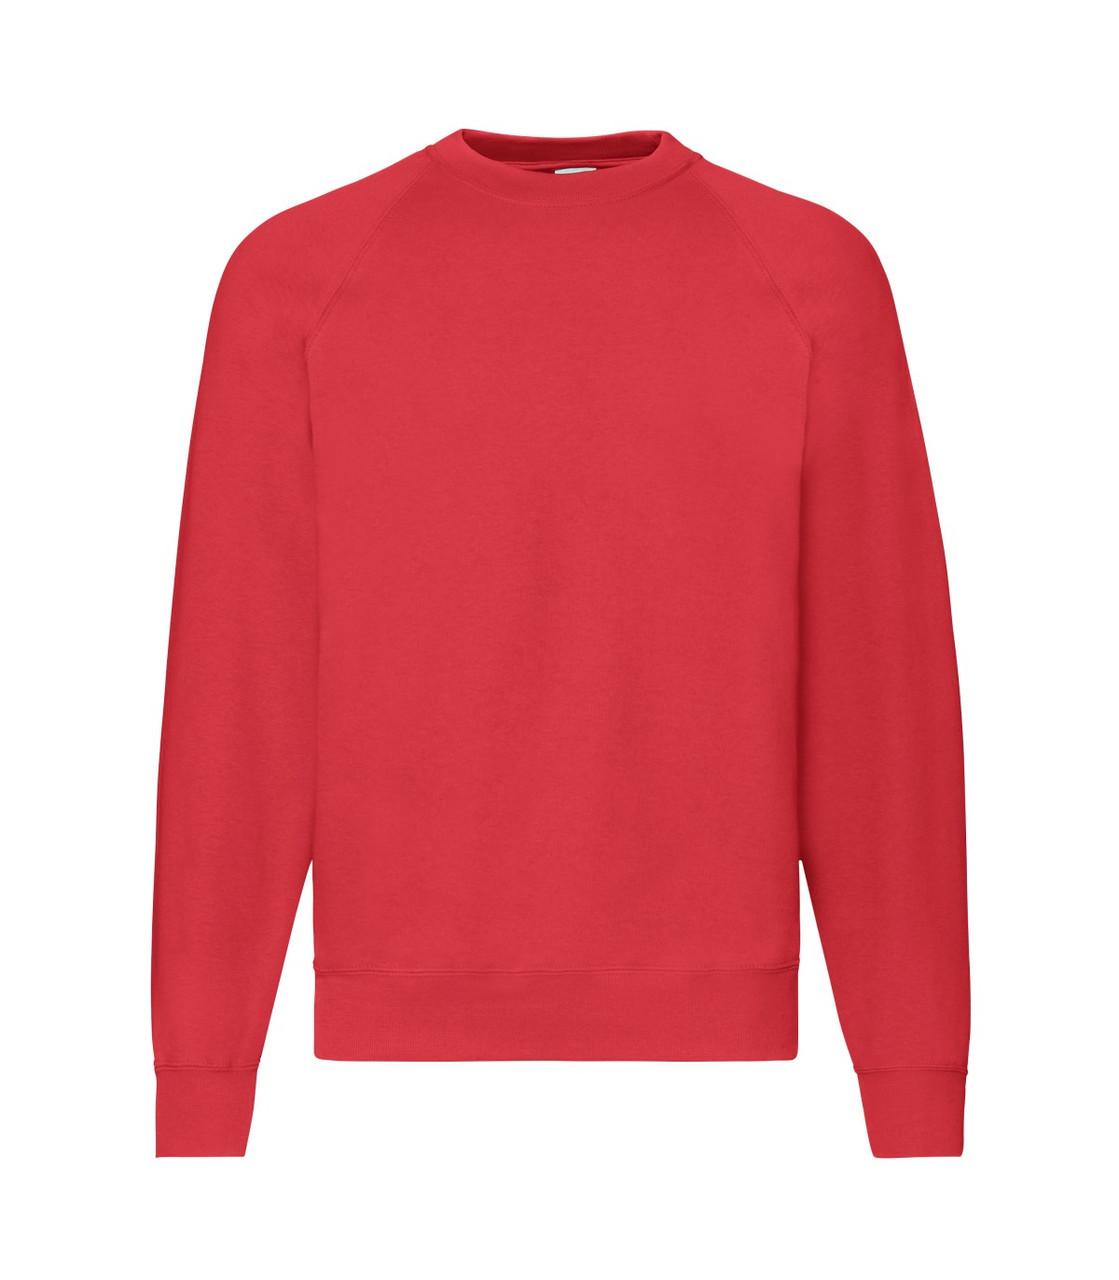 Мужской свитер-реглан утепленный красный 216-40